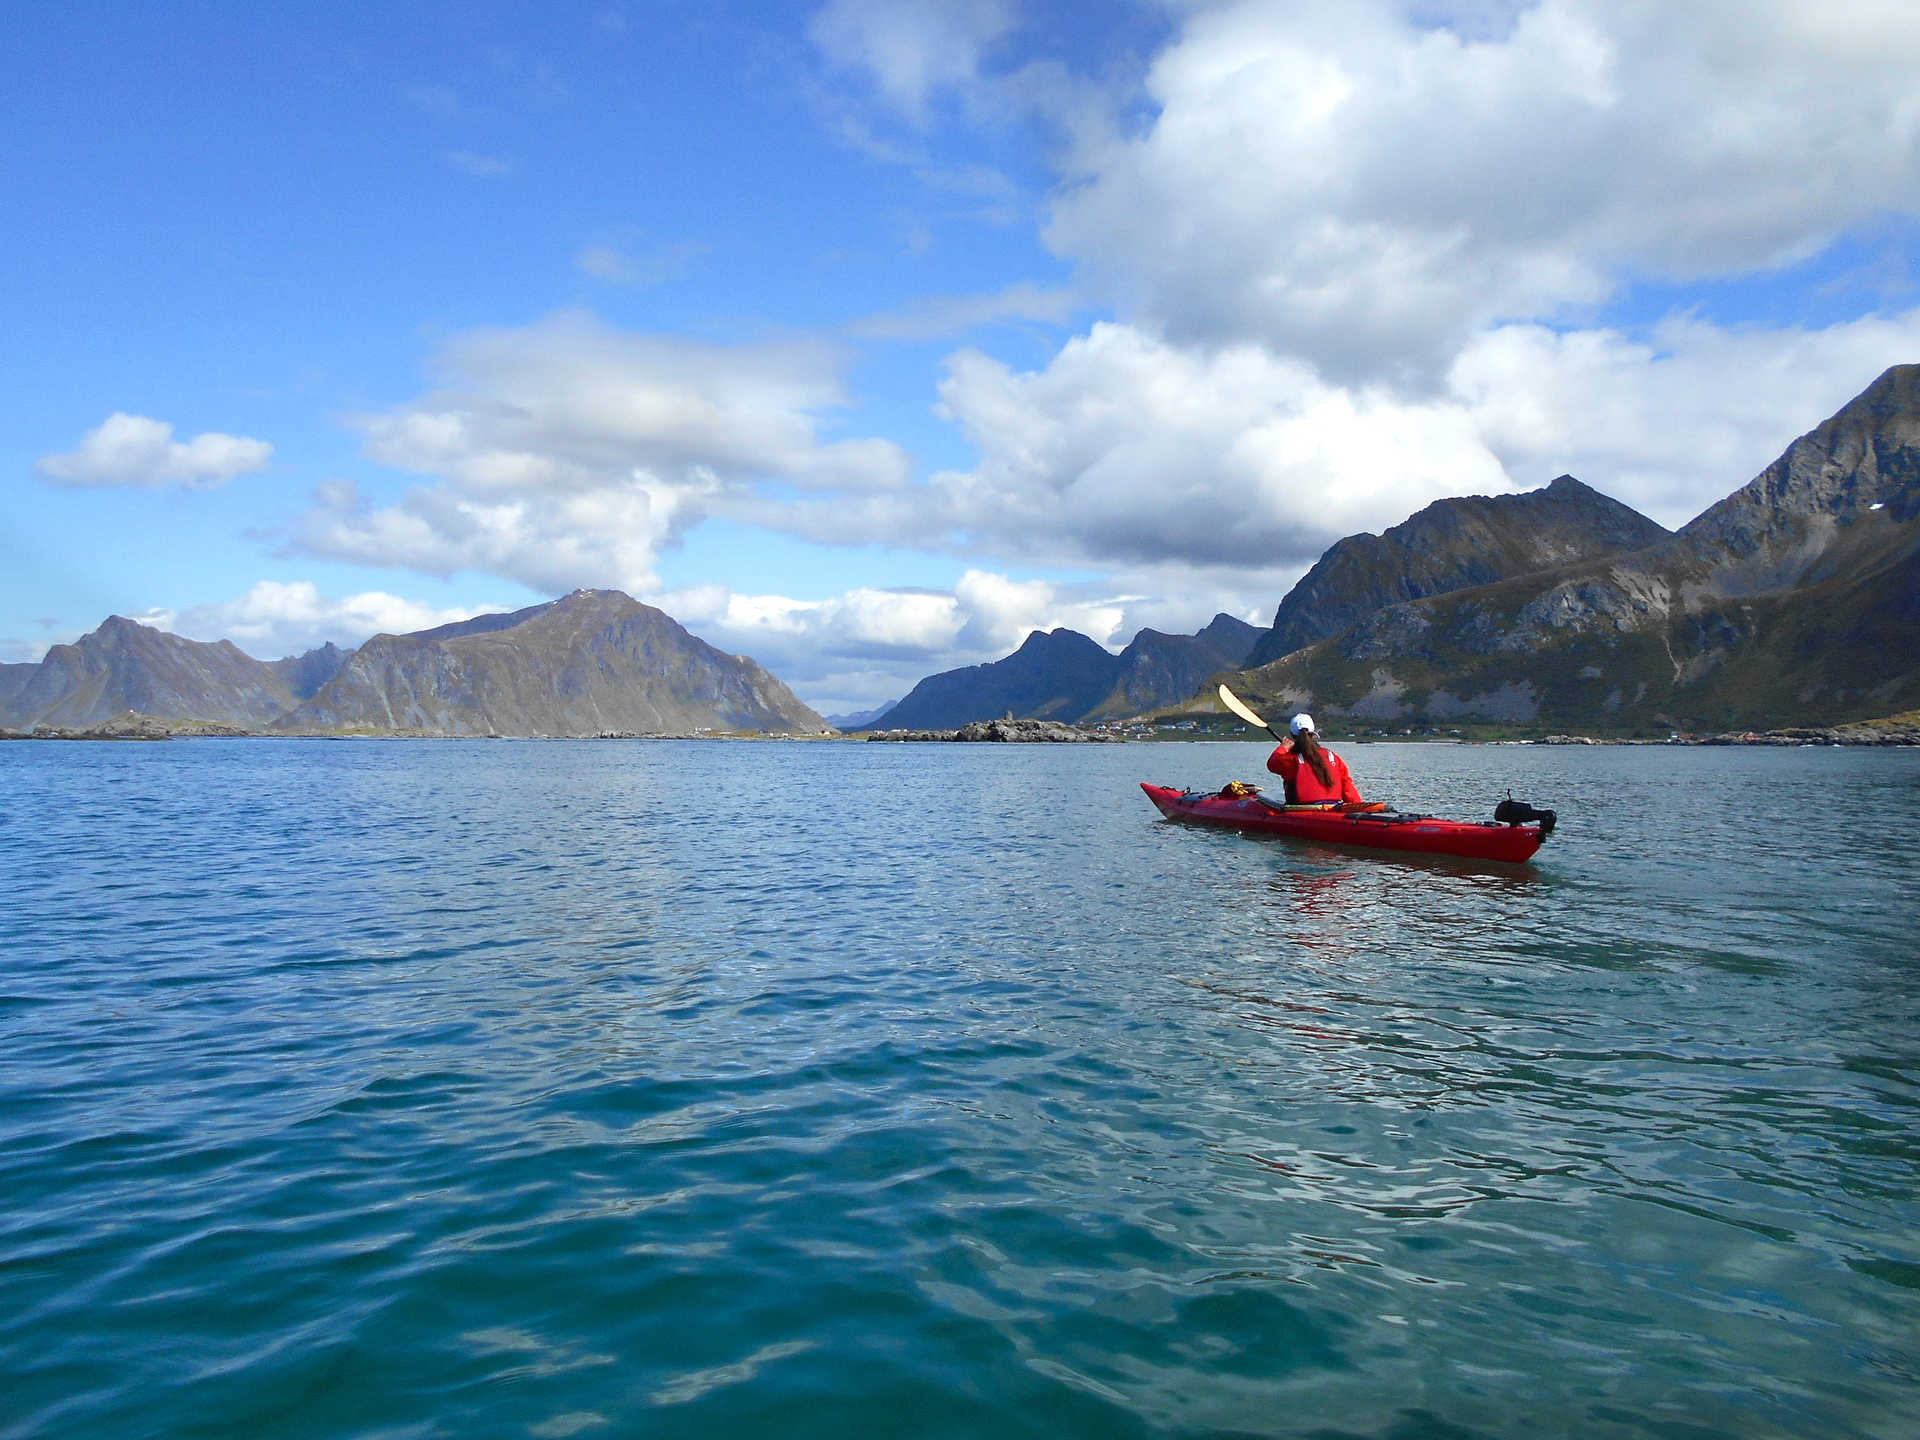 Sea kayaking in Lofoten islands